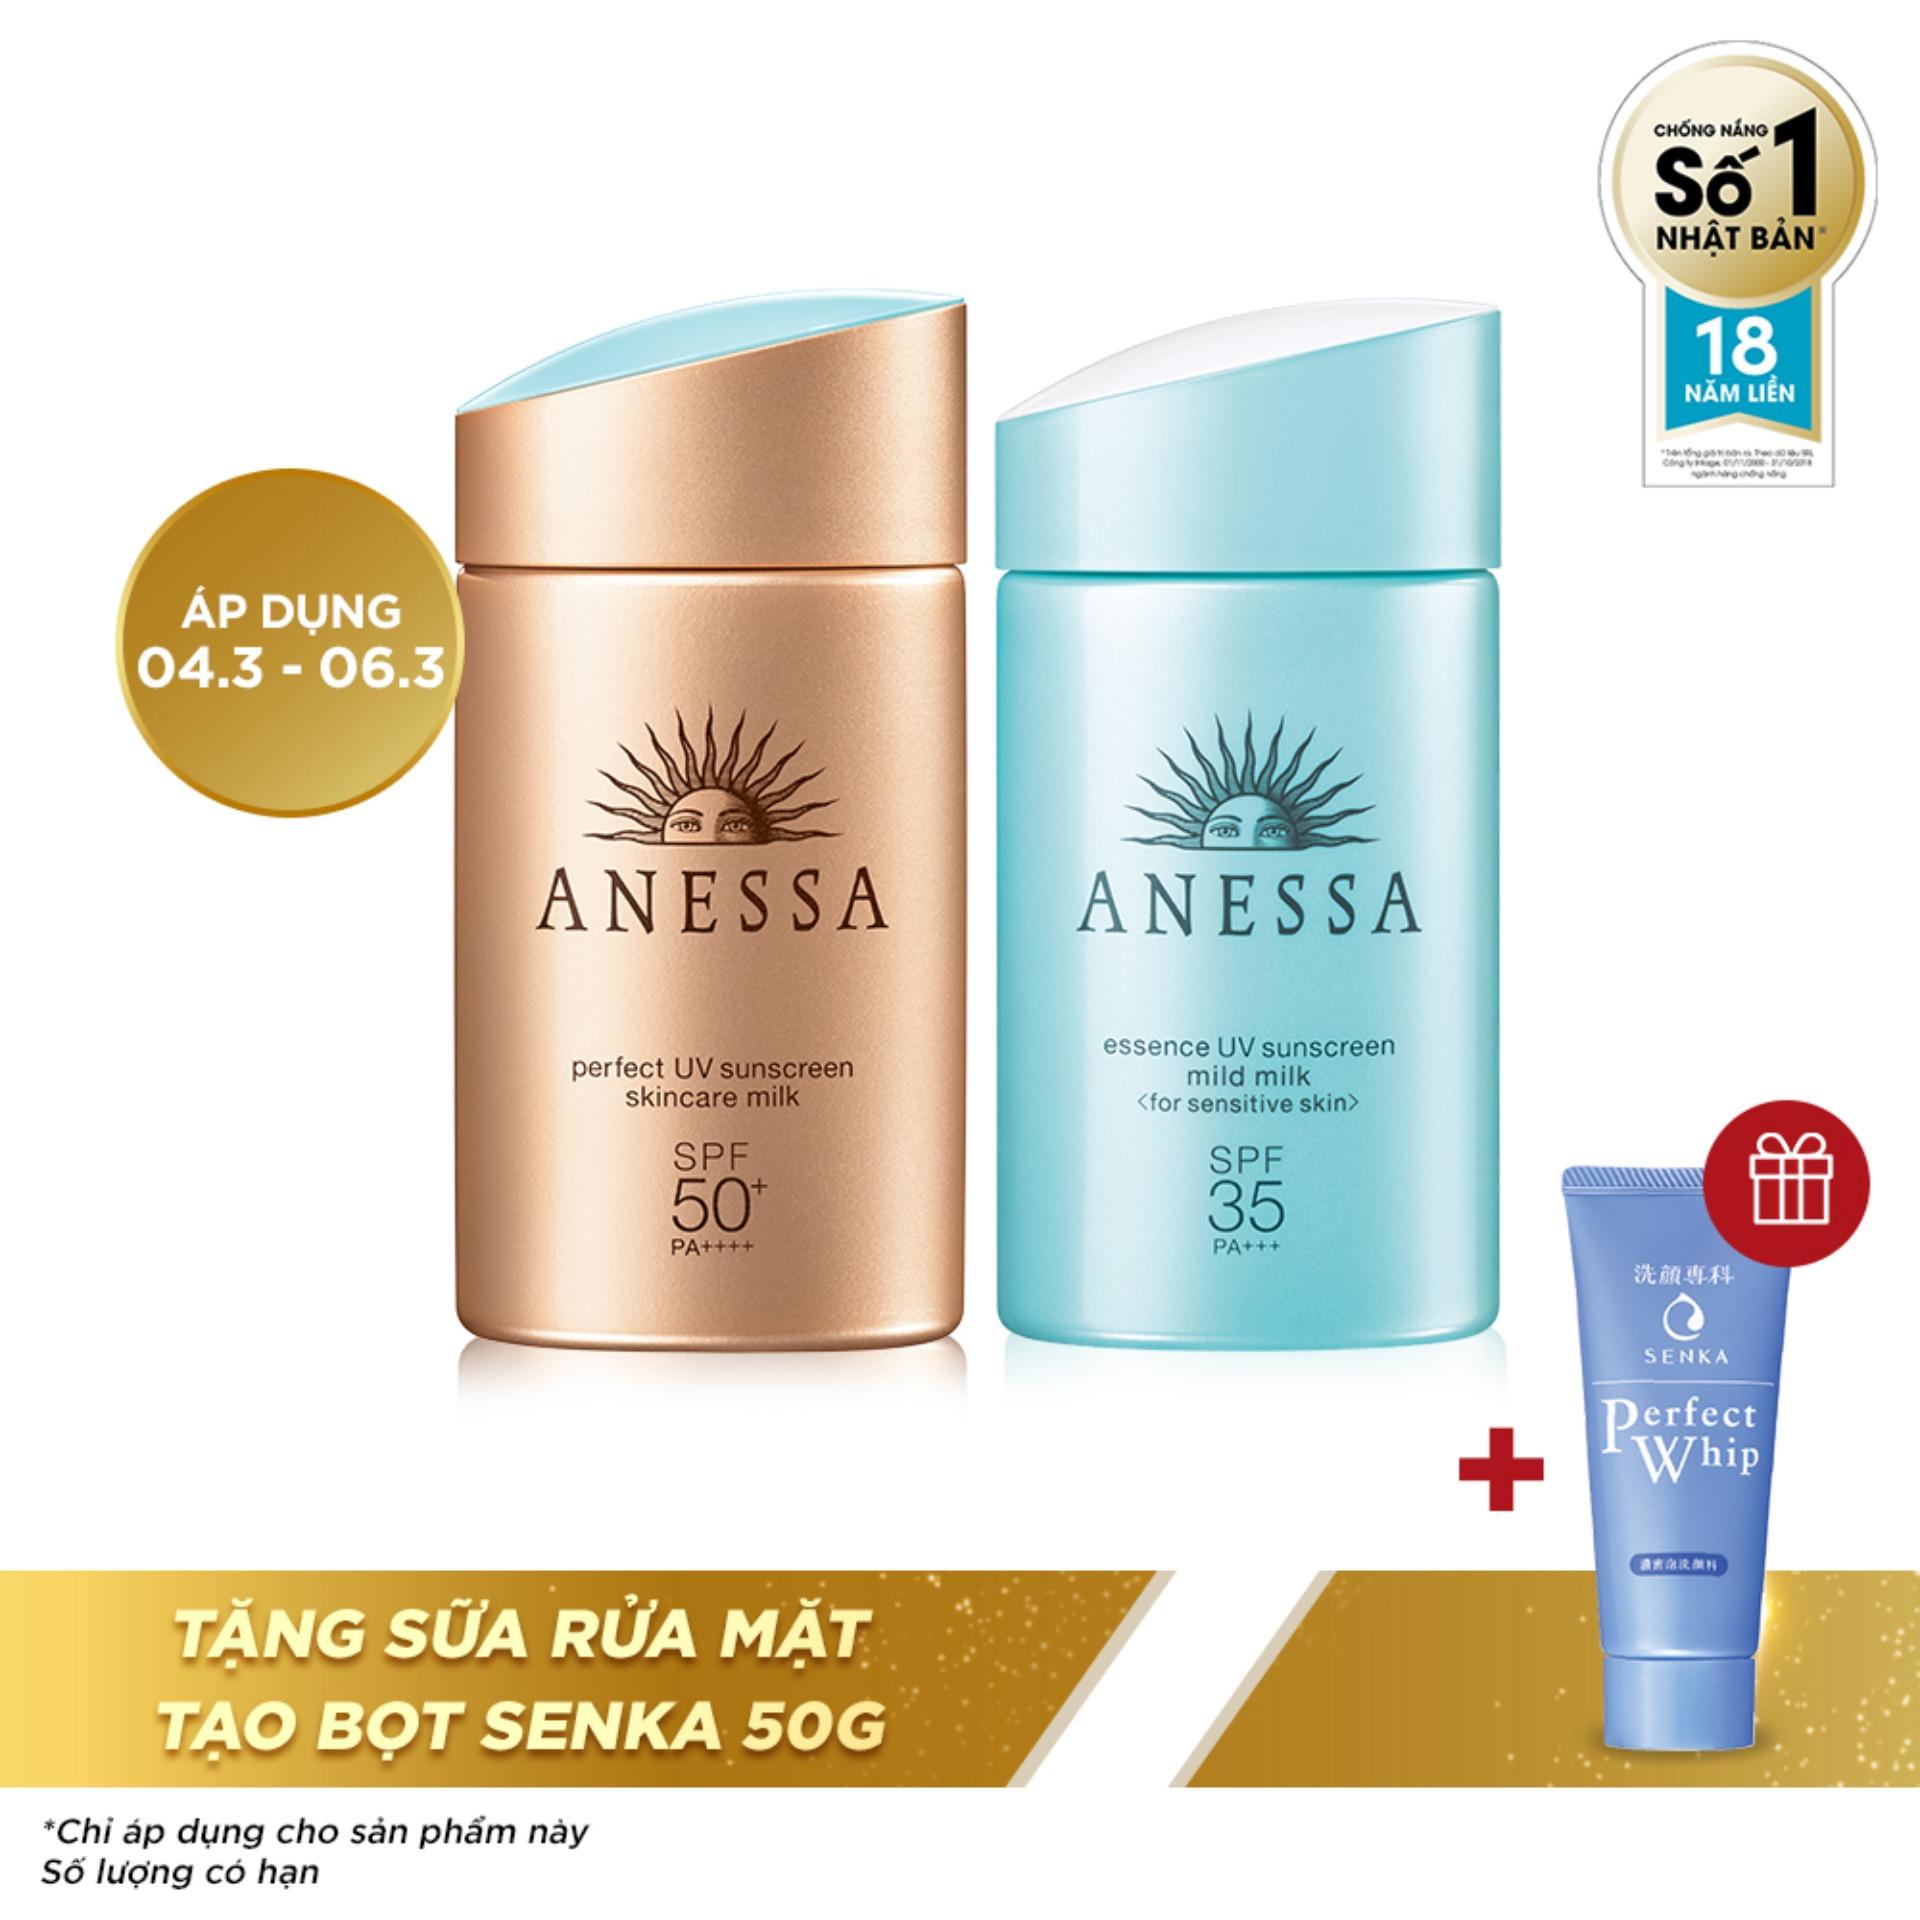 Bộ đôi kem chống nắng Anessa tiện lợi  (Perfect UV Sunscreen Skincare Milk - SPF 50+, PA++++ - 60ml + UV Sunscreen Mild Milk - SPF35, PA+++ - 60ml) nhập khẩu